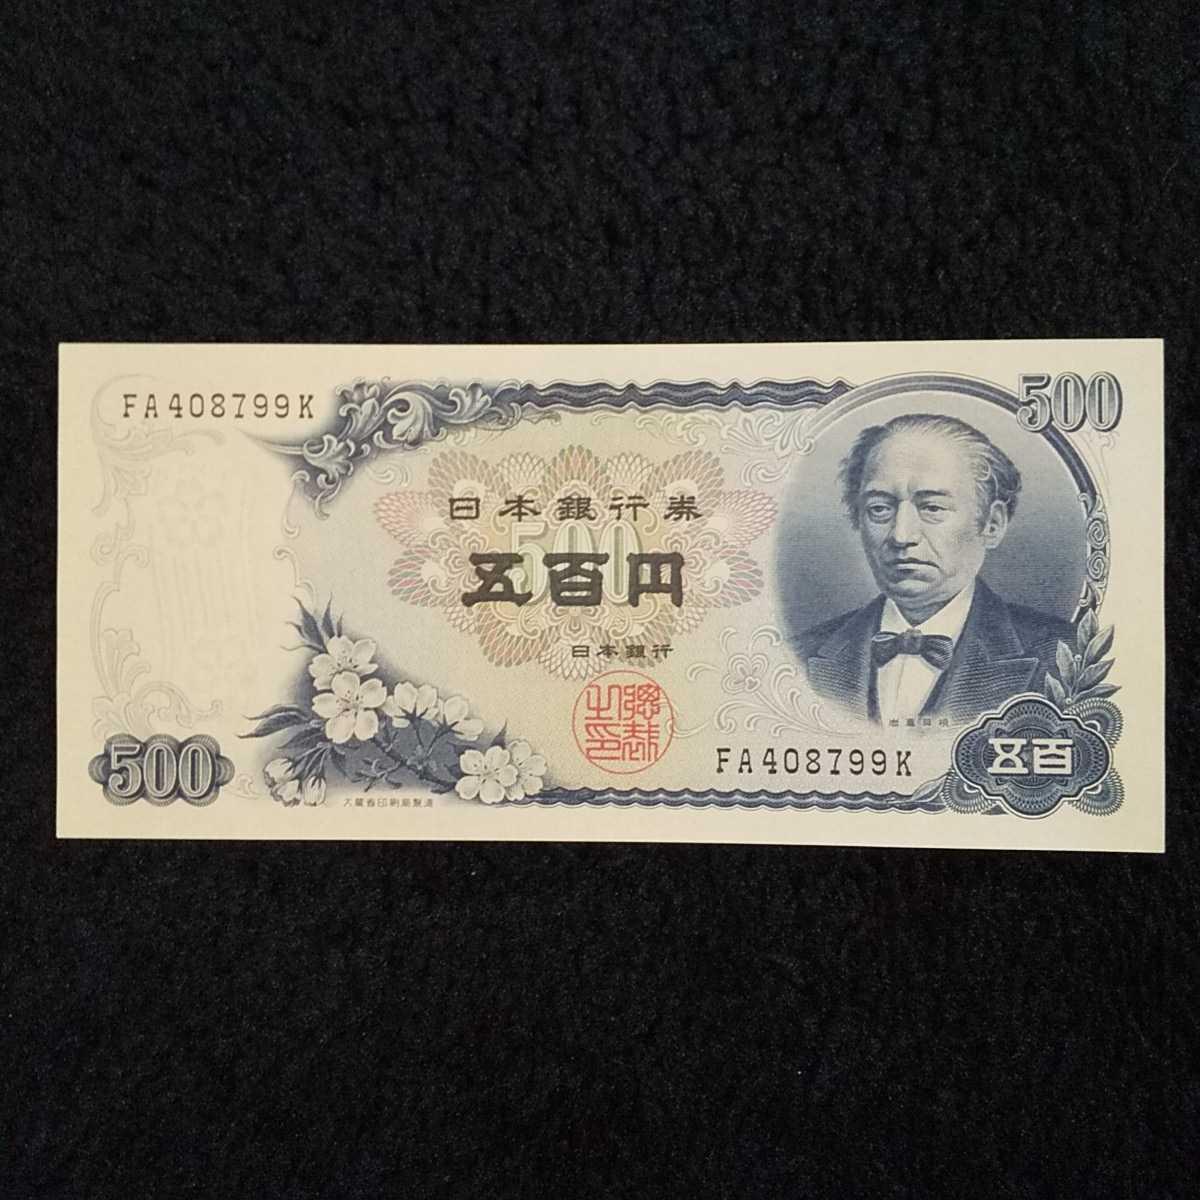 岩倉具視 500円札 五百円札 1枚 旧紙幣 ピン札 日本銀行券 FA408799K